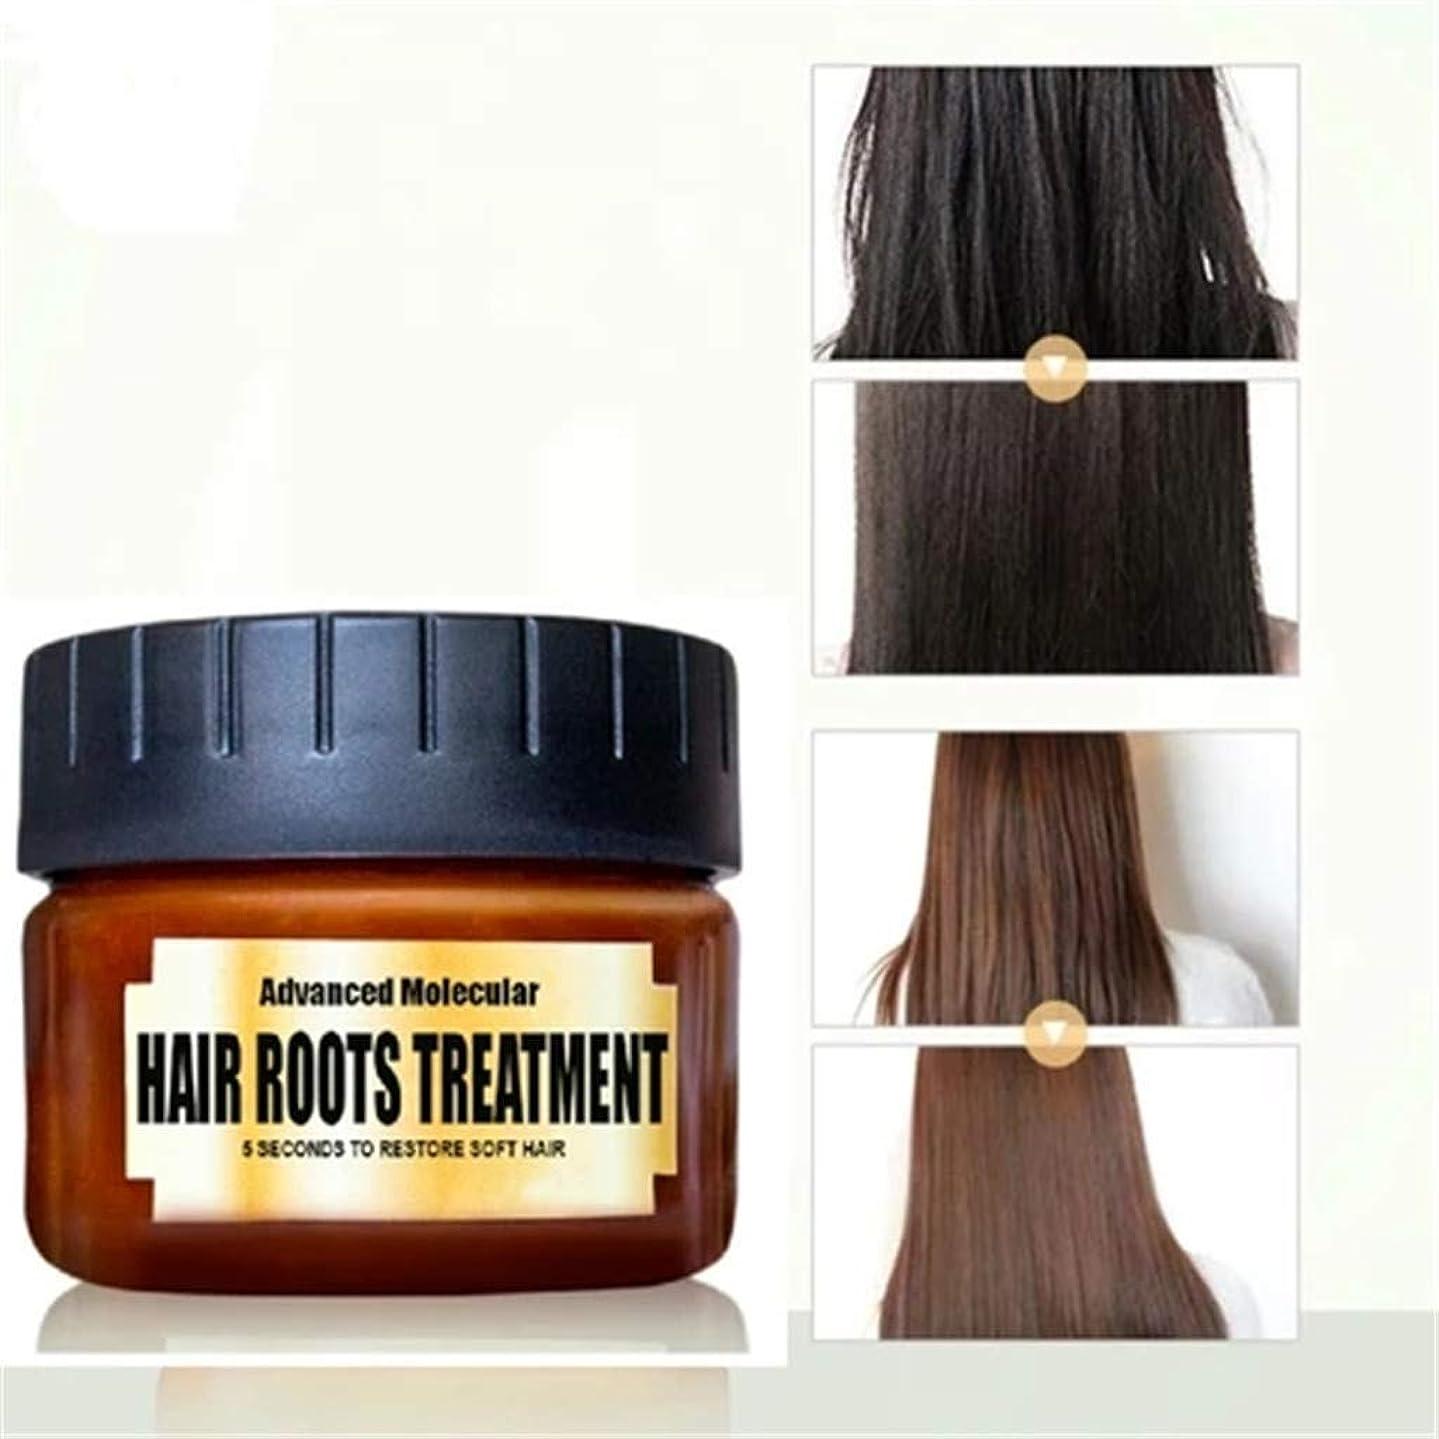 然とした甘い器官コンディショナー ヘアケアコンディショナー ヘアデトキシファイングヘアマスク 高度な分子 毛根治療の回復 乾燥または損傷した髪と頭皮の治療のための髪の滑らかなしなやか (B 60 ml)